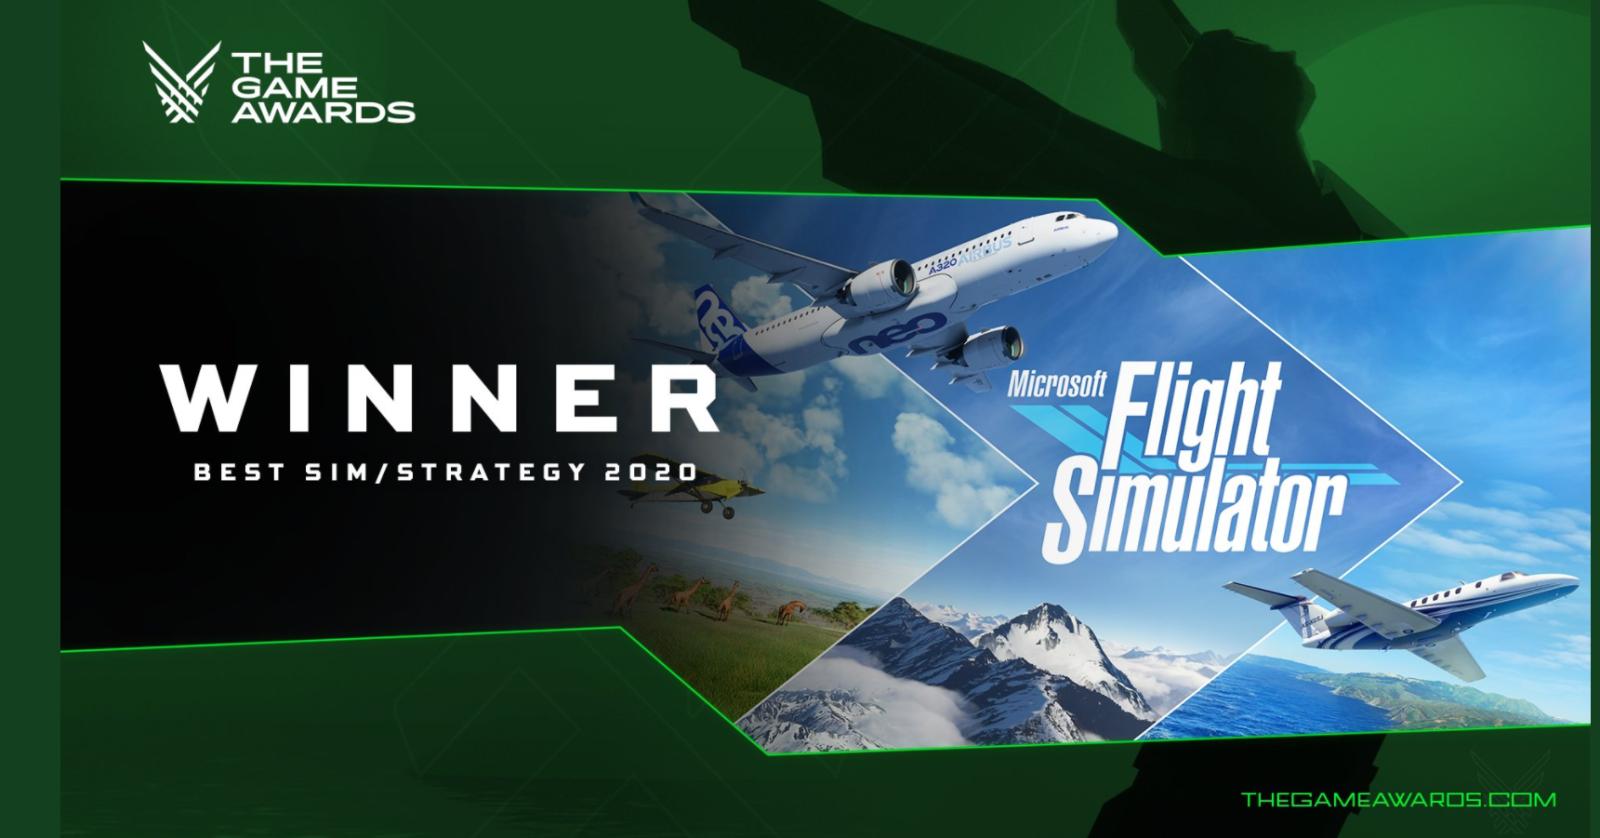 《微软模拟飞行》将于2021年夏季登陆 Xbox Series X|S